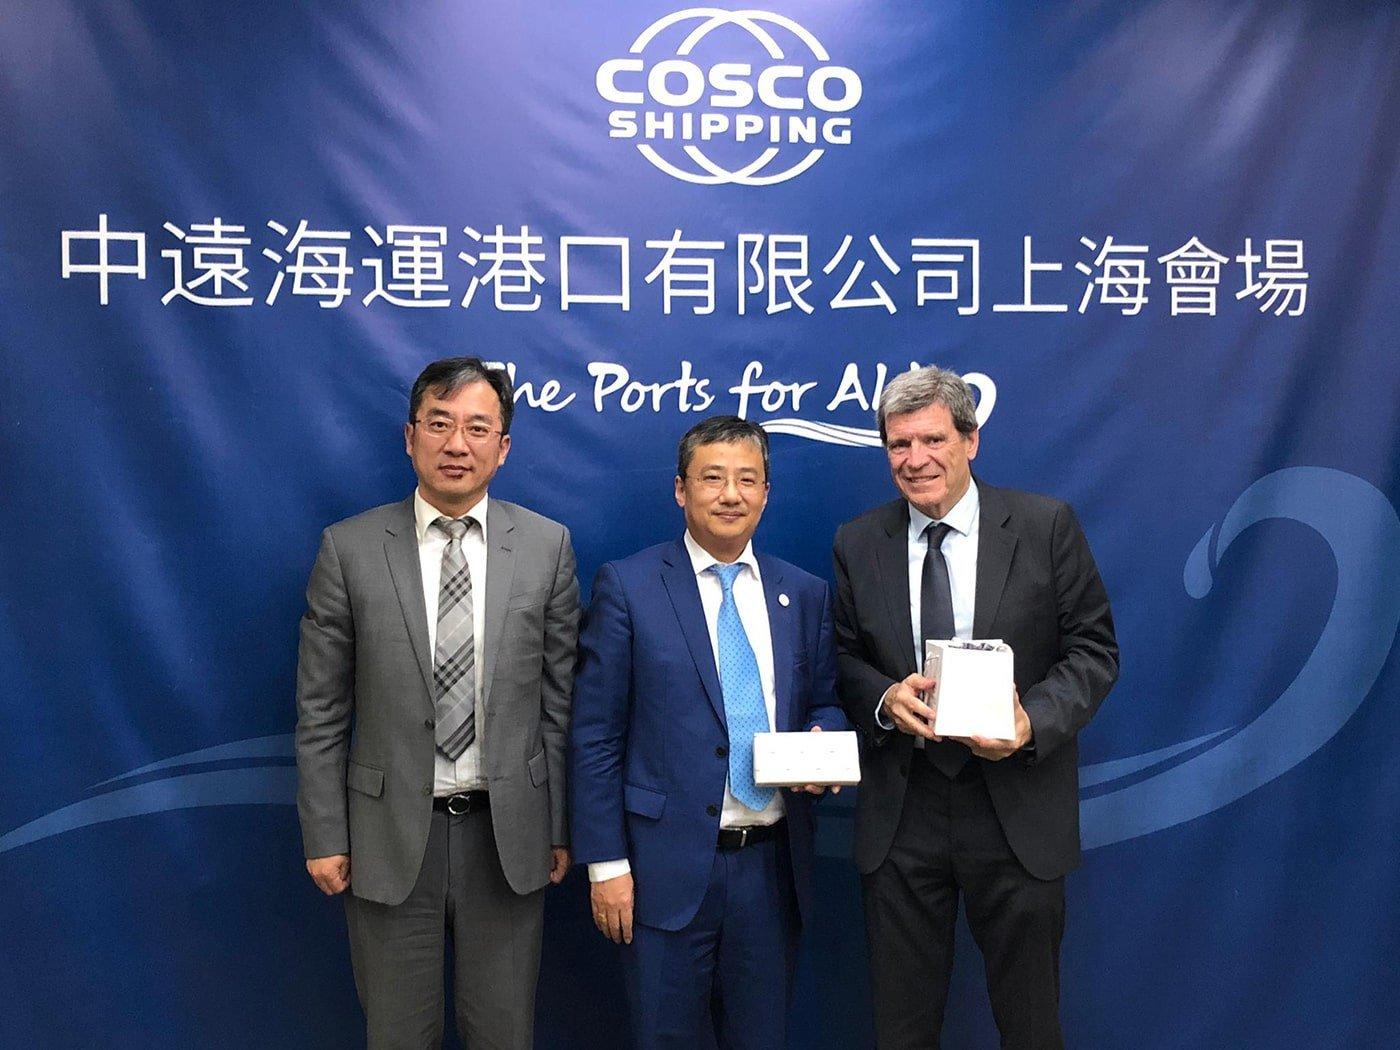 Cosco manifiesta su compromiso con el puerto de Valencia - El Canal Marítimo y Logístico